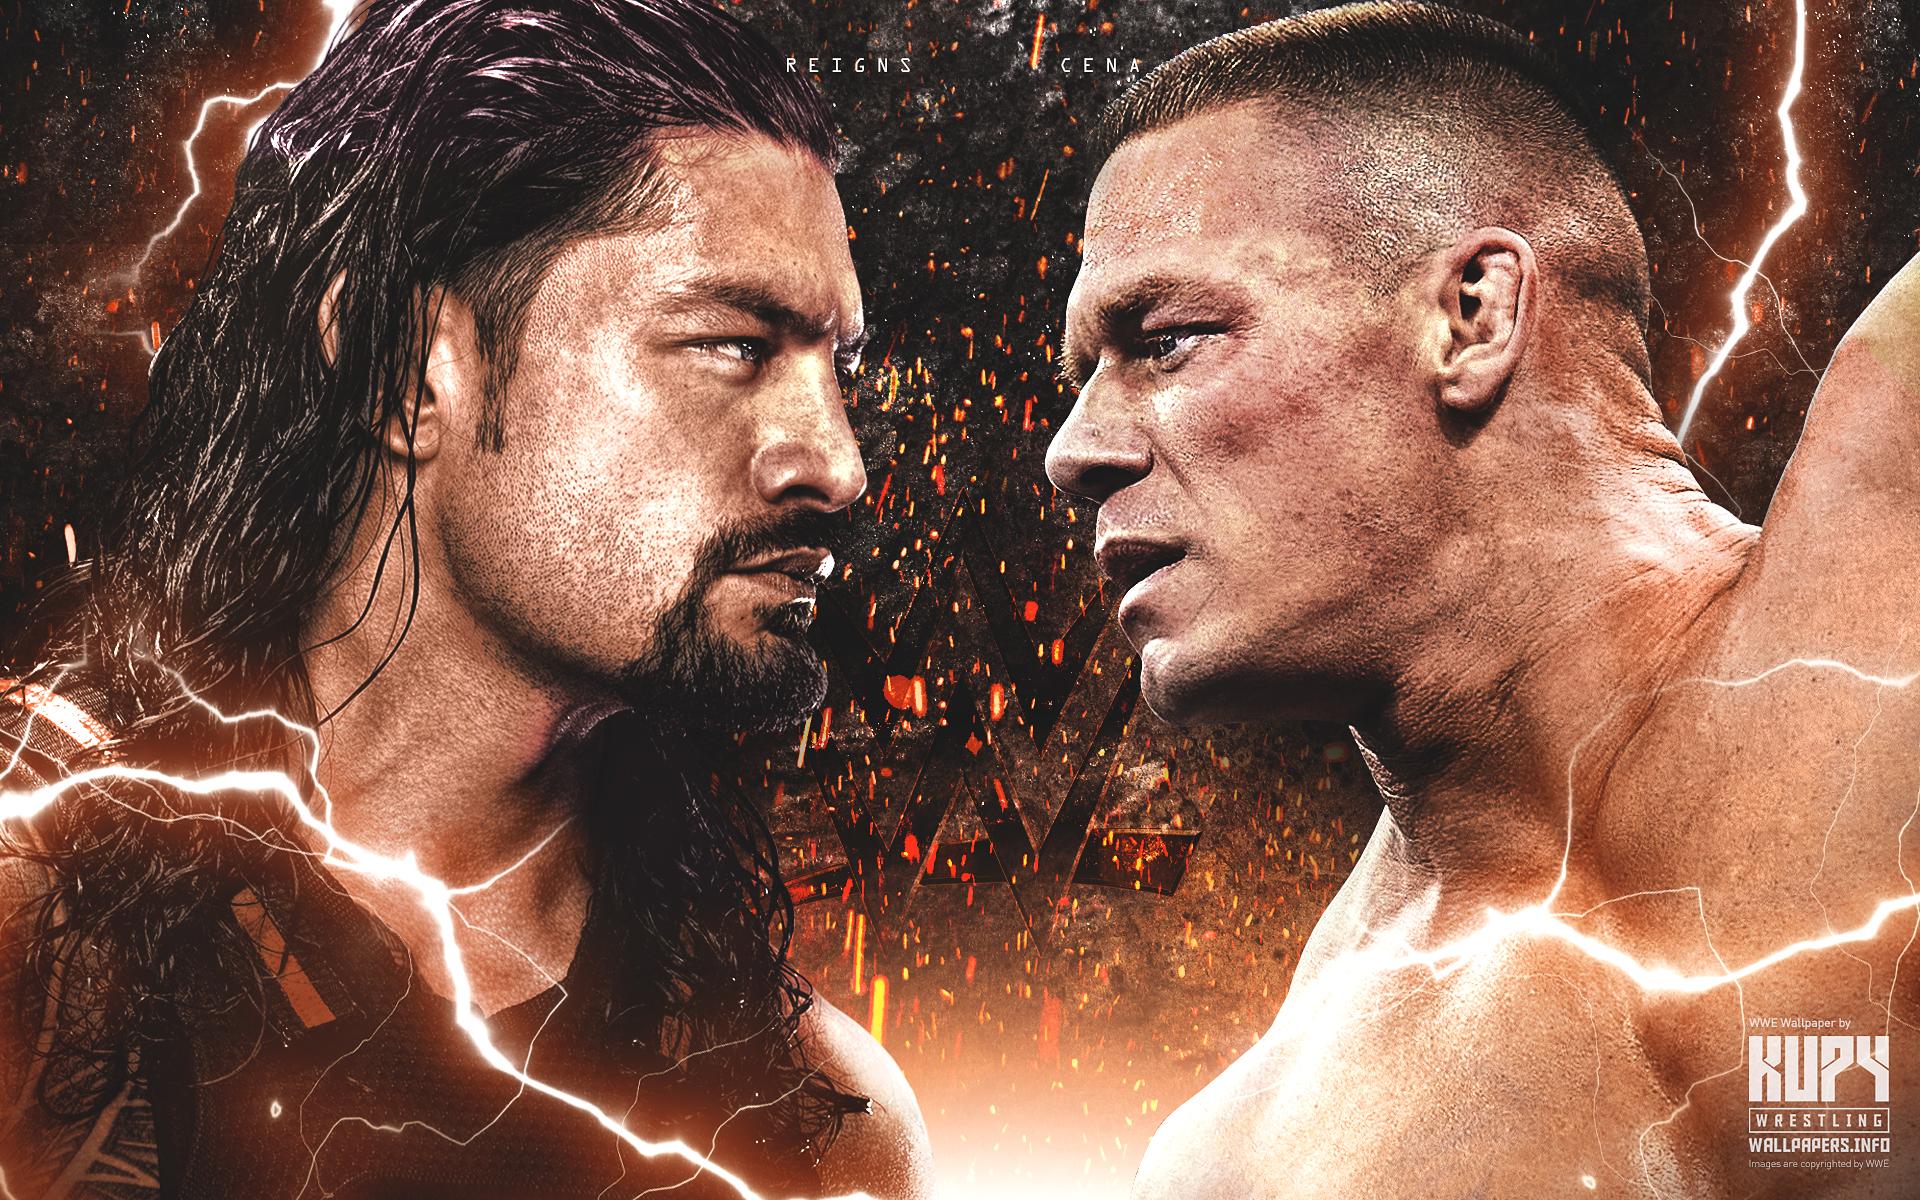 new roman reigns vs. john cena wallpaper! - kupy wrestling